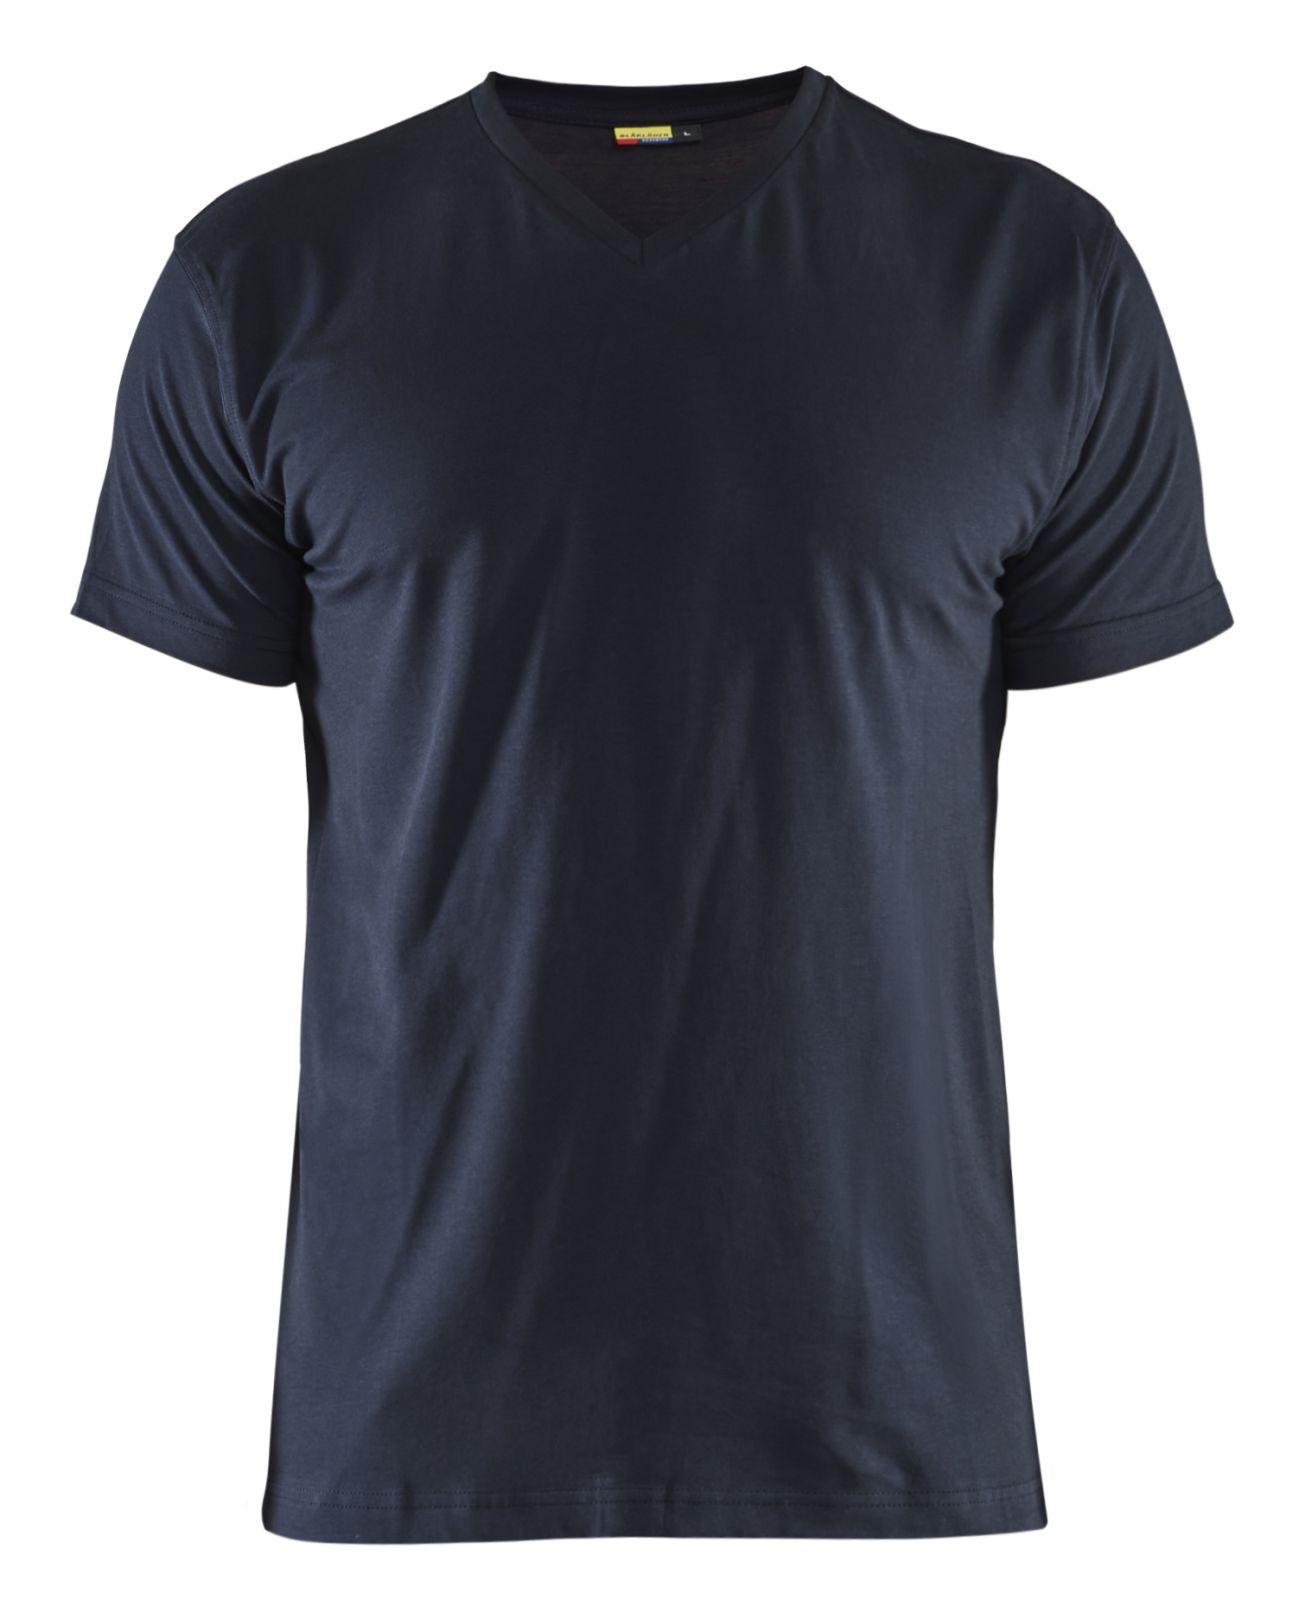 Blaklader T-shirts 33601029 marineblauw(8600)